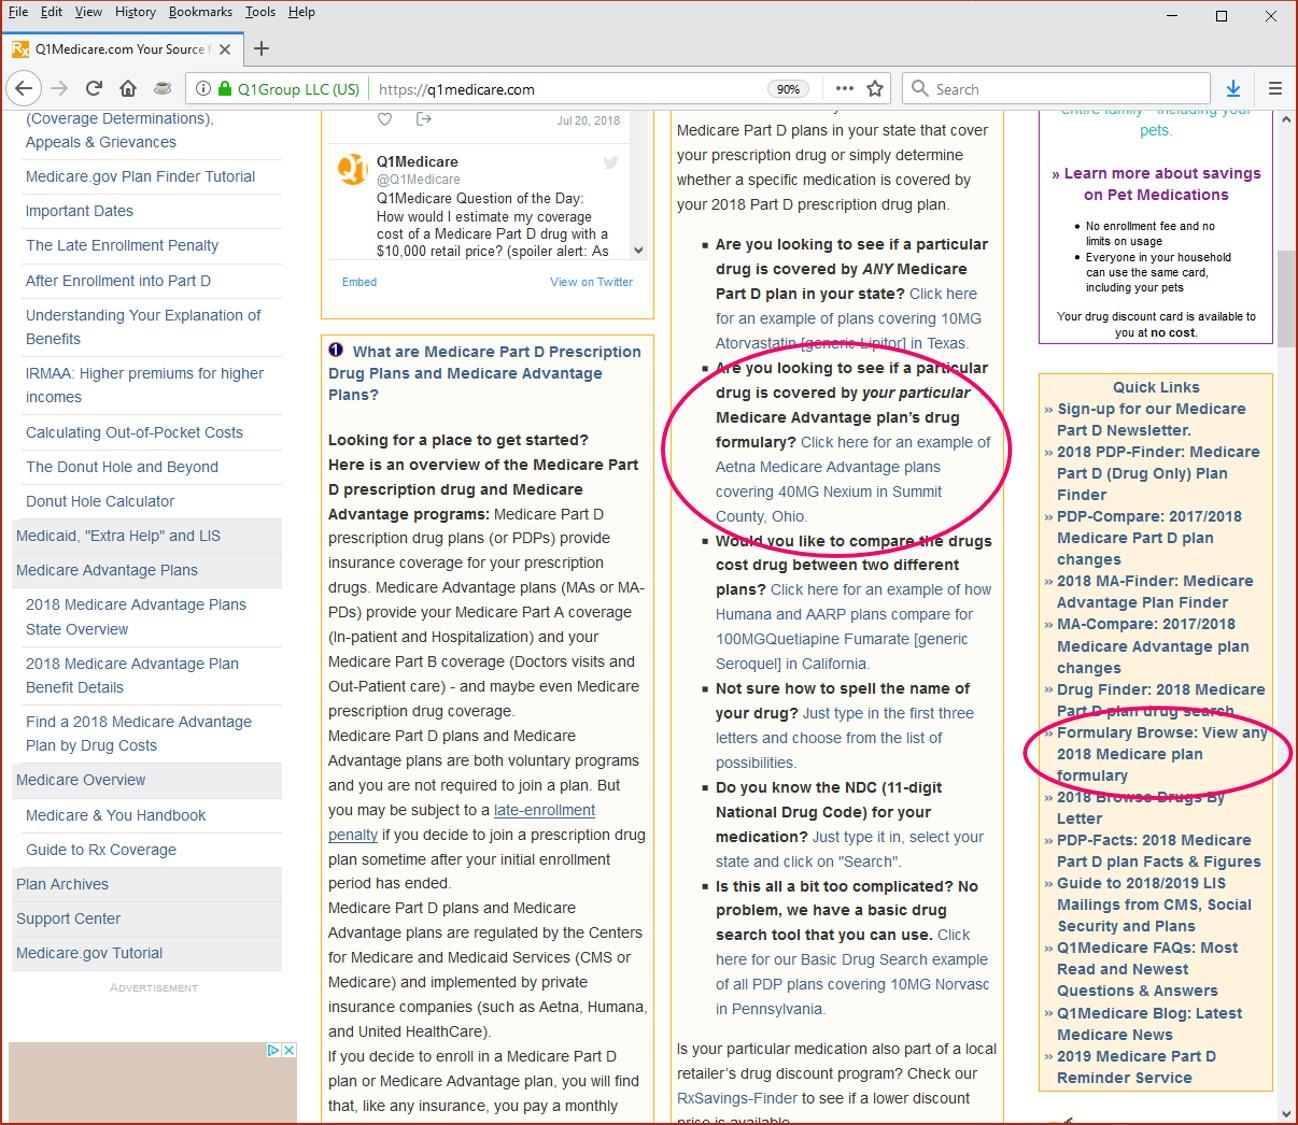 Q1Medicare Formulary Browser links